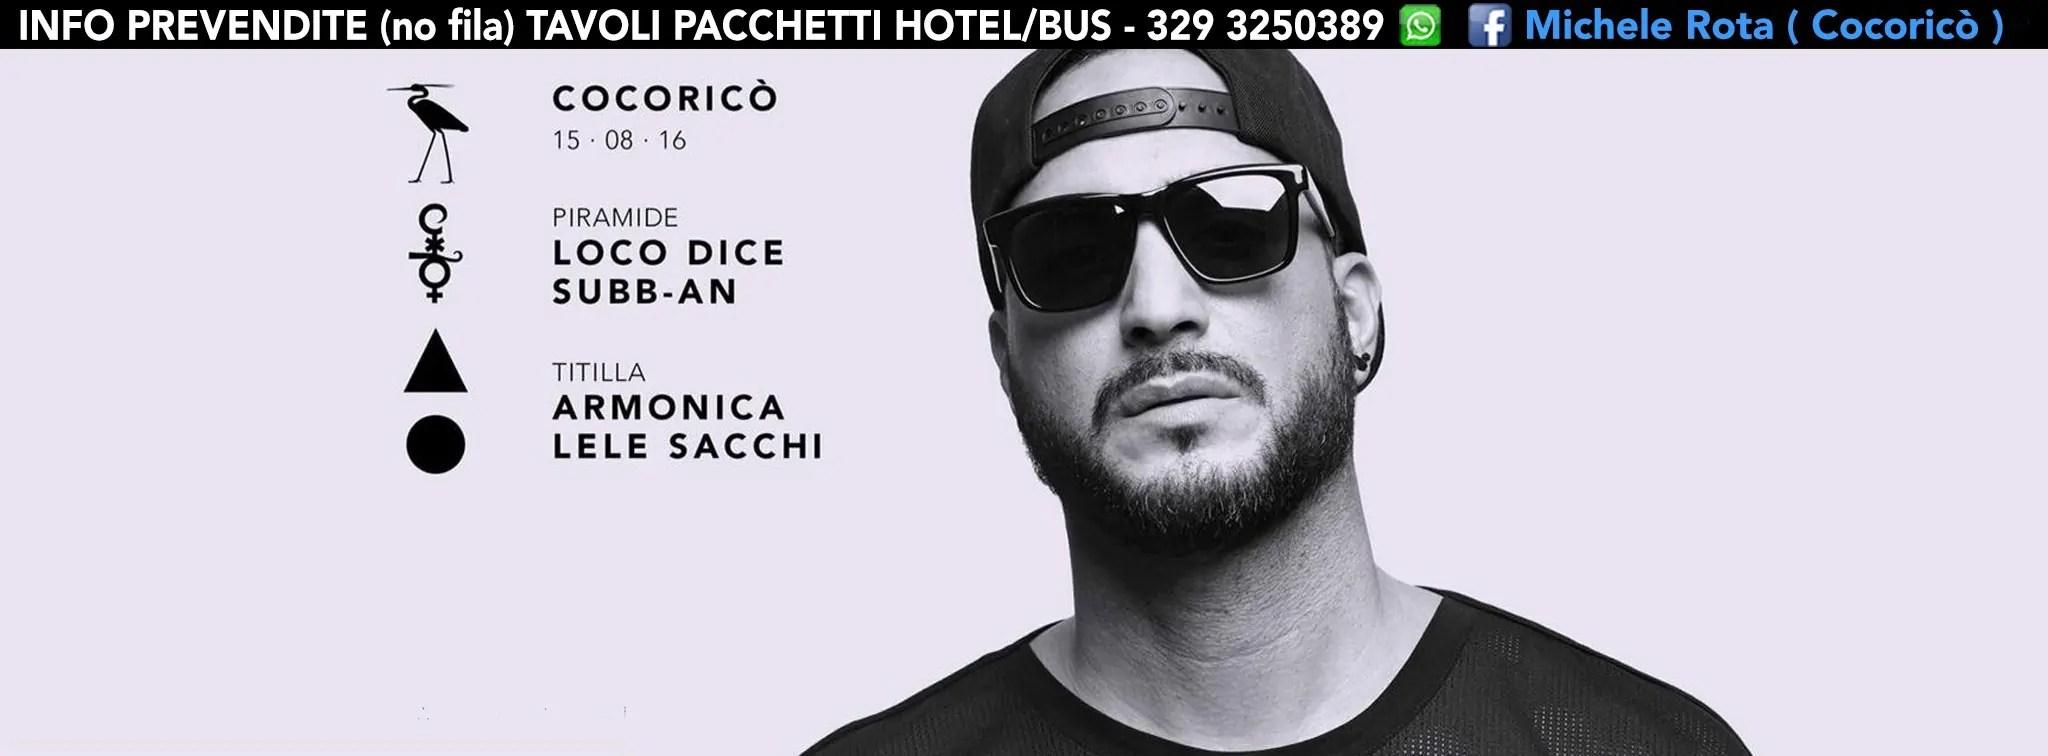 Lunedì 15 Agosto 2016 Loco Dice al Cocorico di Riccione Prezzi Prevendite Biglietti Tavoli Pacchetti hotel